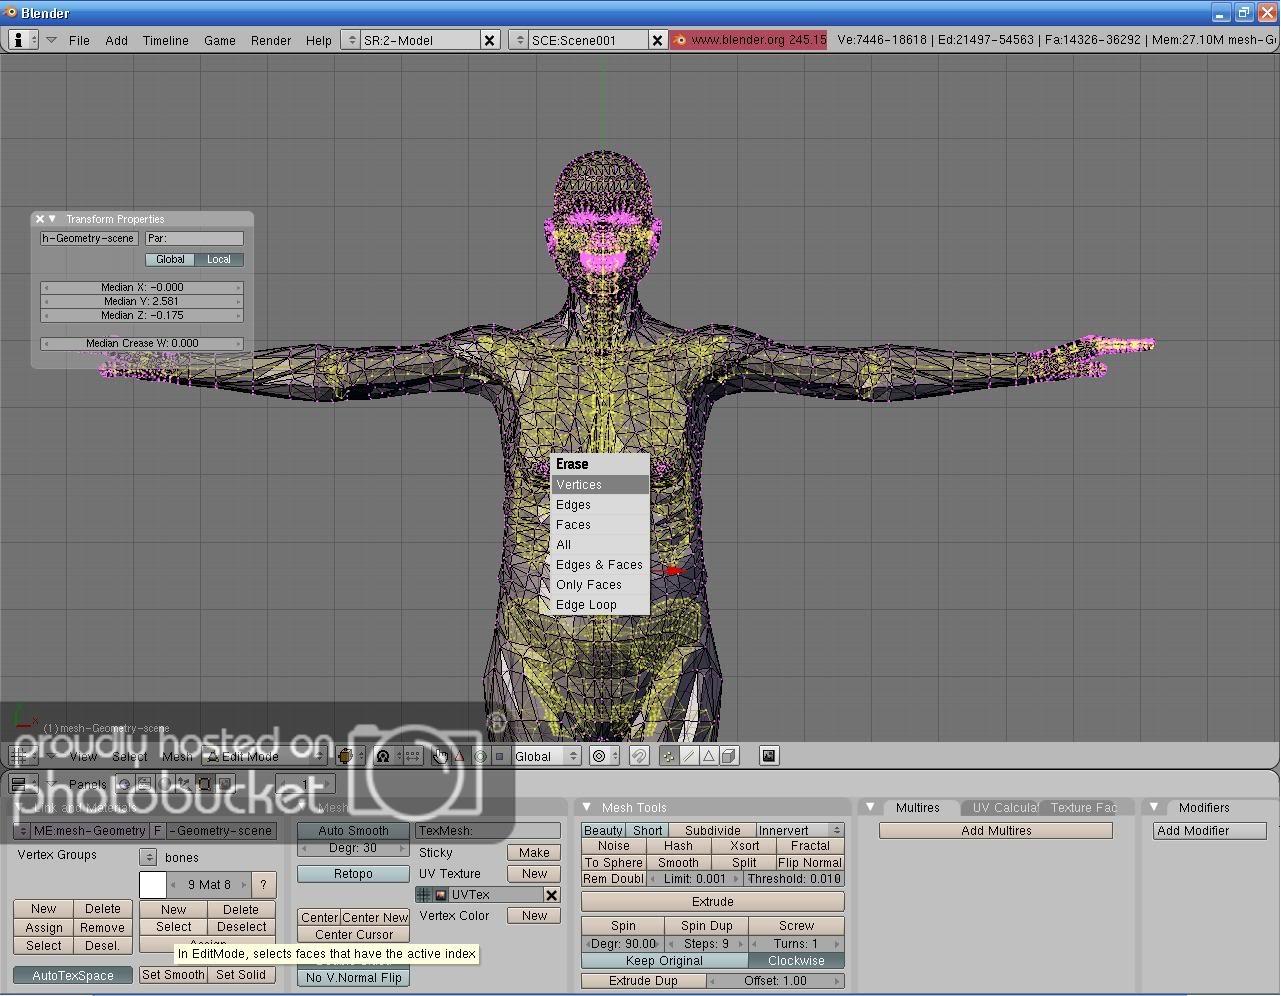 A makehuman tutorial  - Other Software - Blender Artists